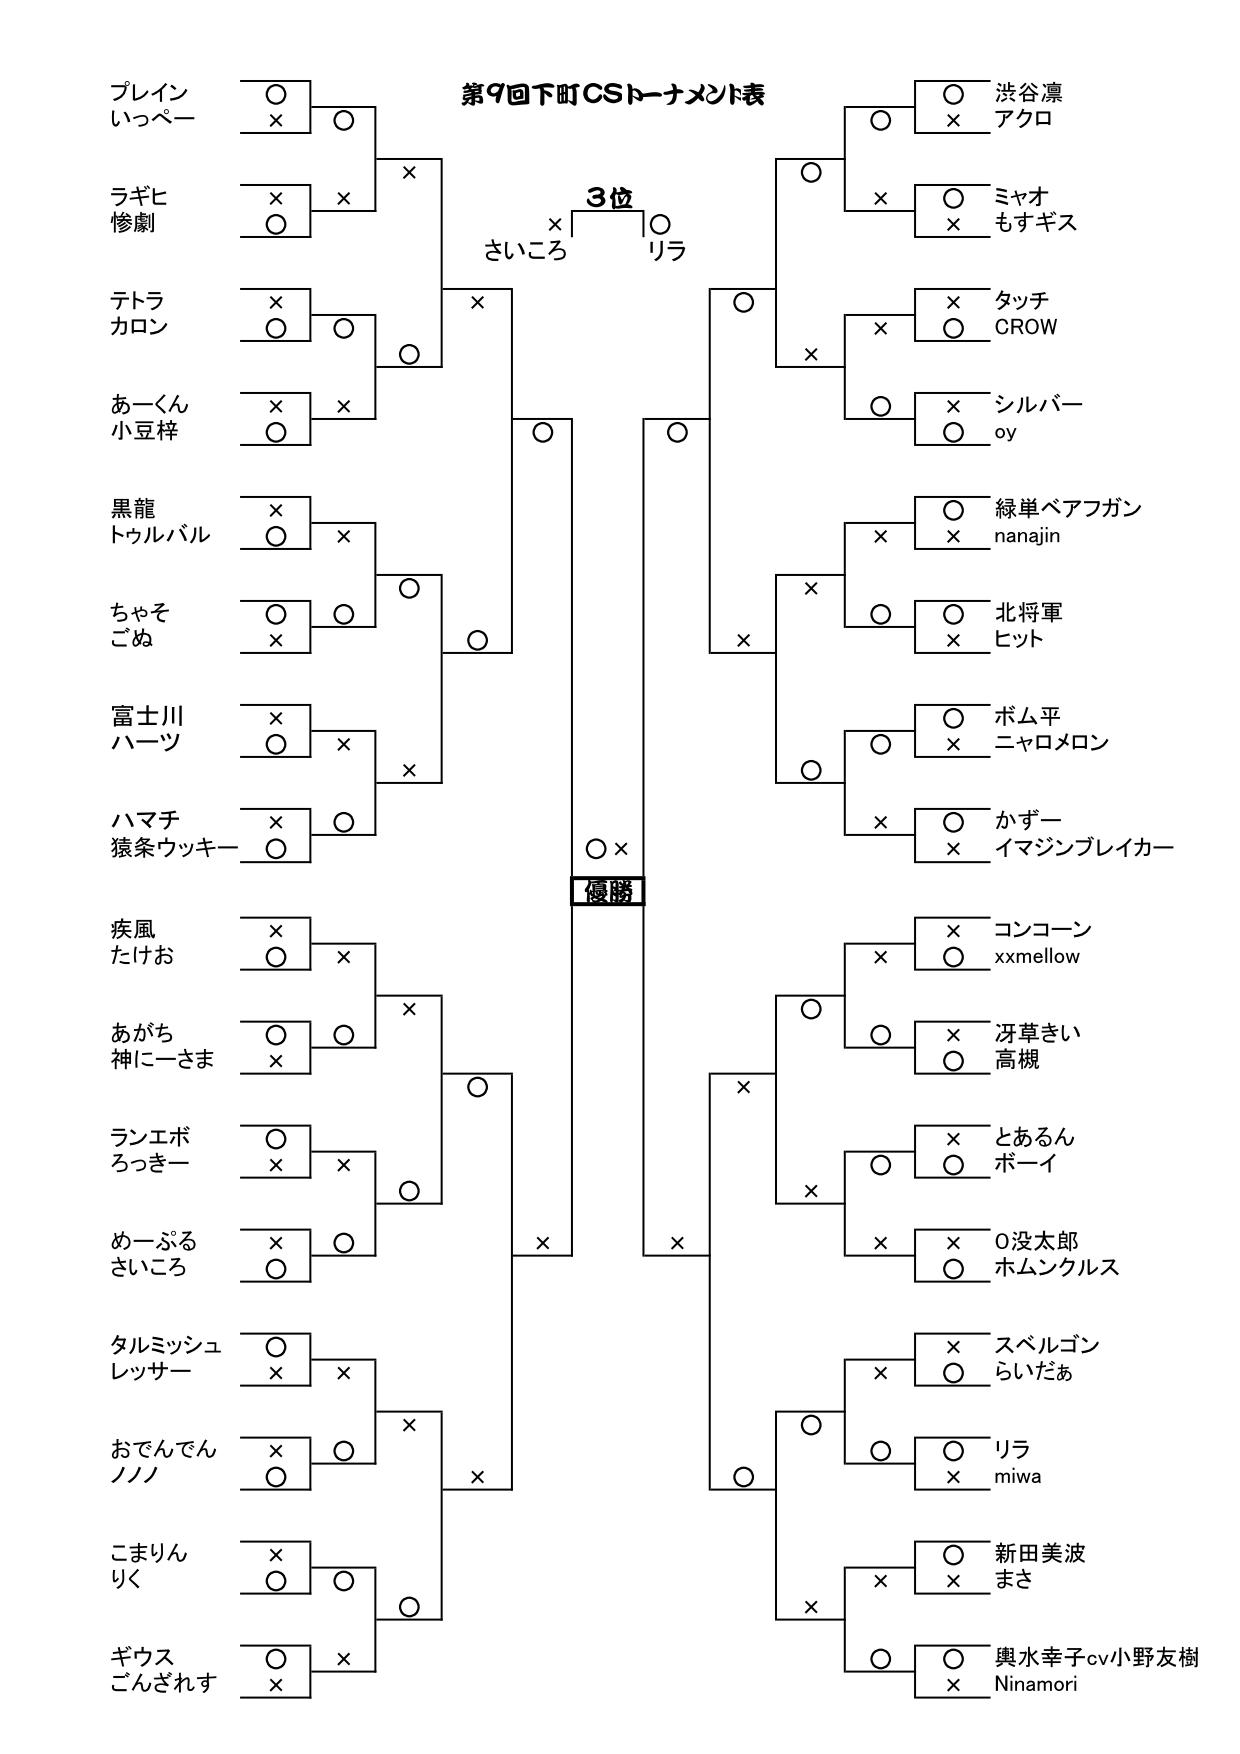 下町CSトーナメント表A4記録用_01